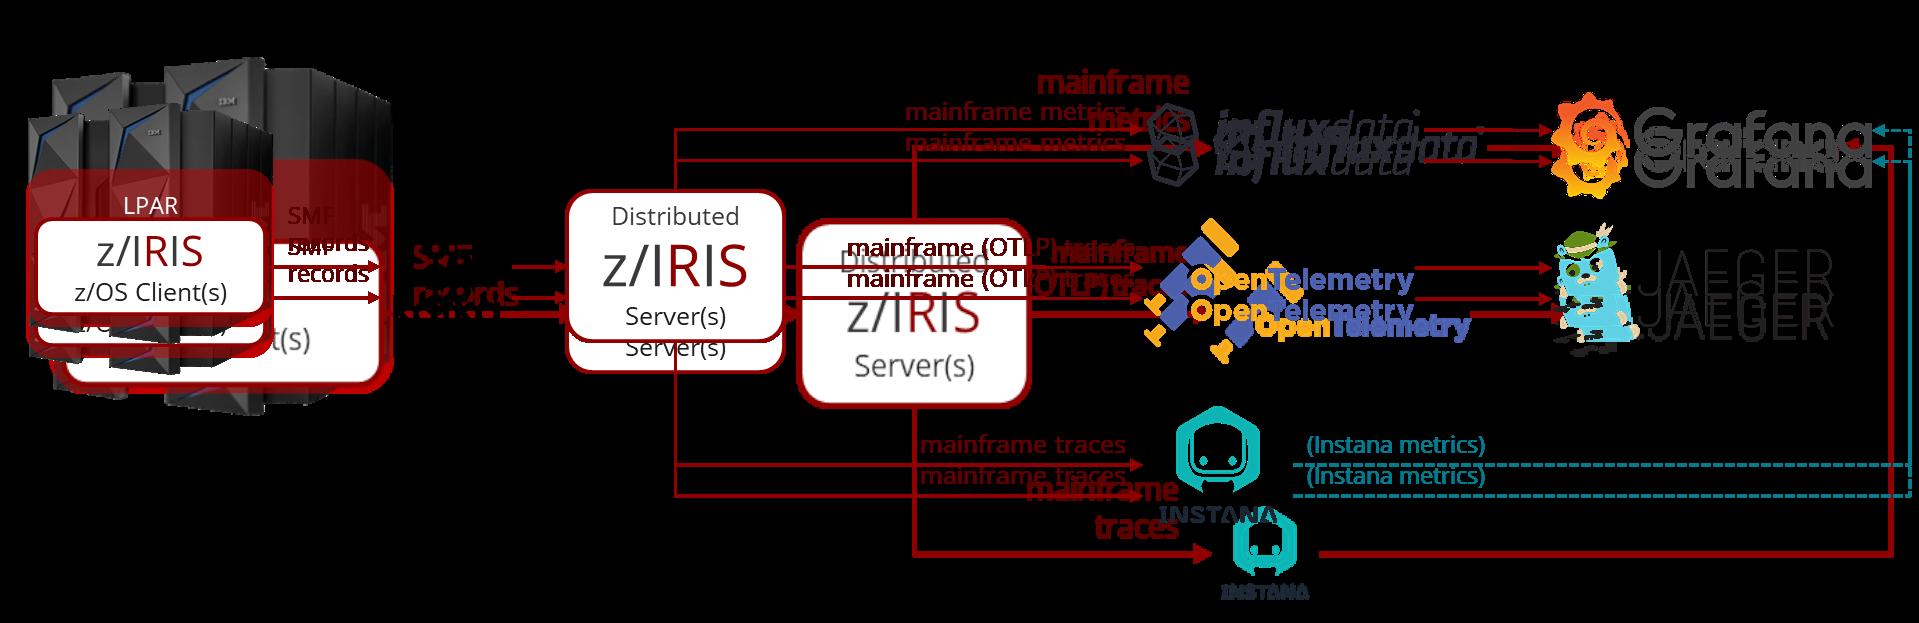 z/IRIS with OpenTelemetry